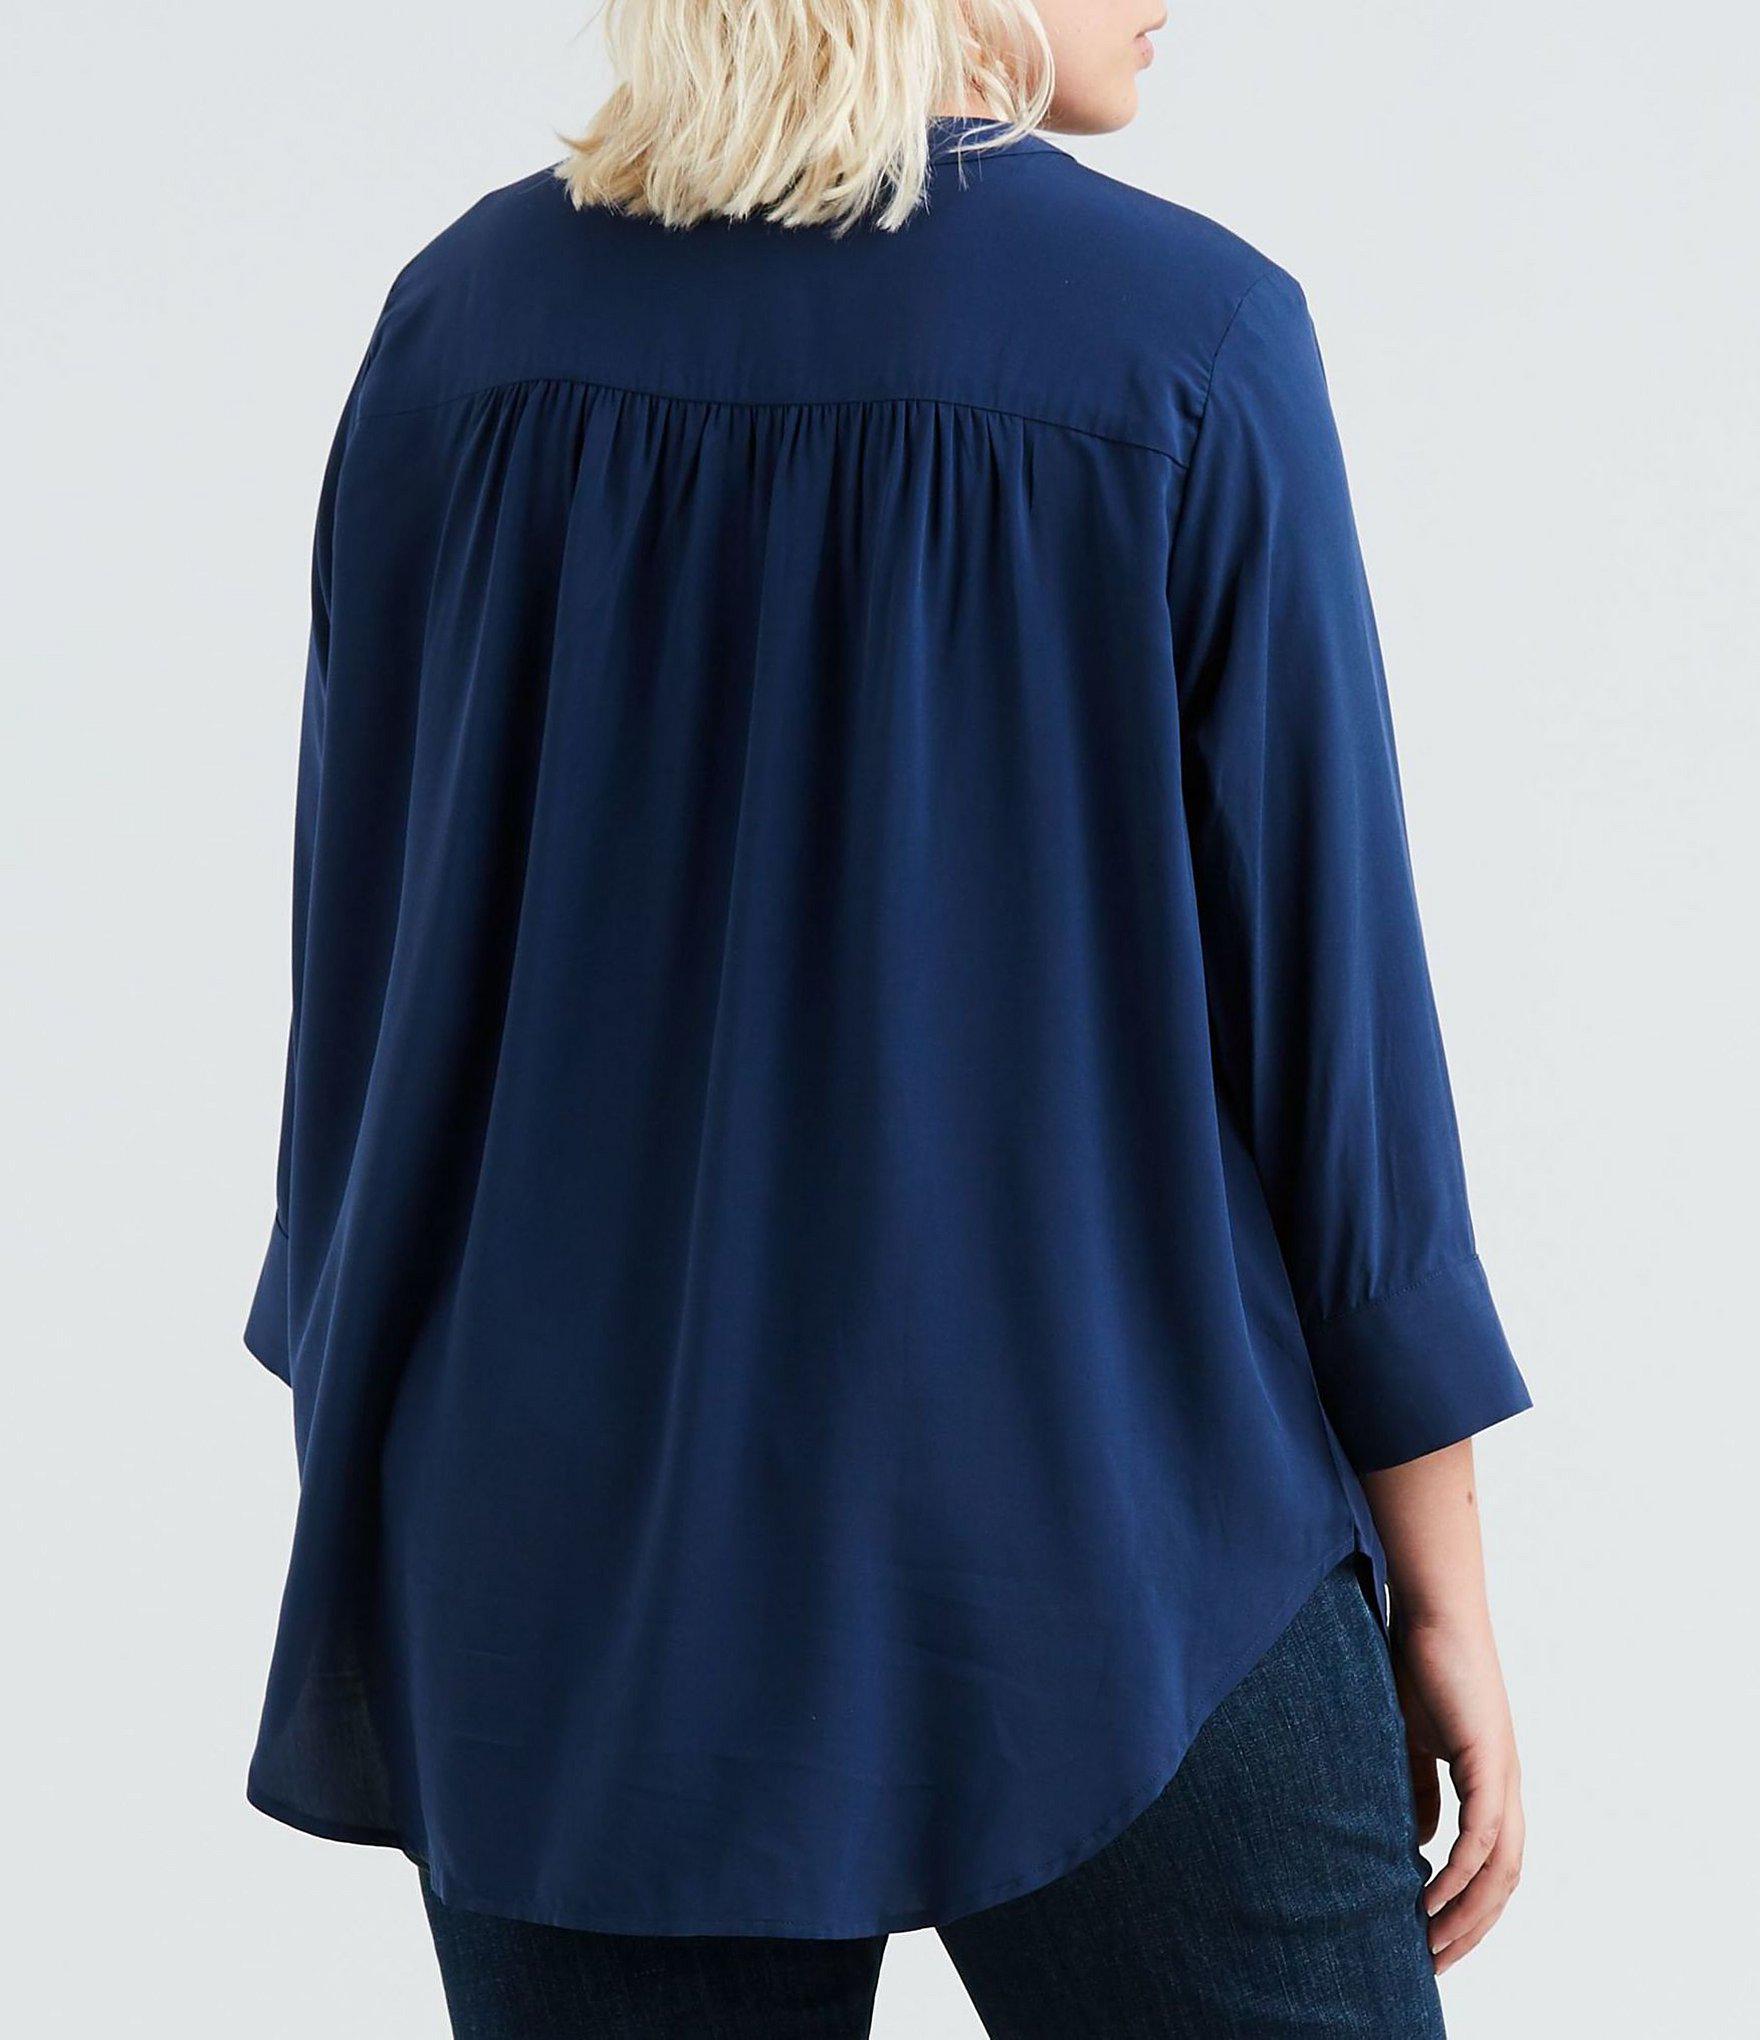 1e27fe9856b Levi s - Blue Plus Size Michaela Solid Button Front Top - Lyst. View  fullscreen